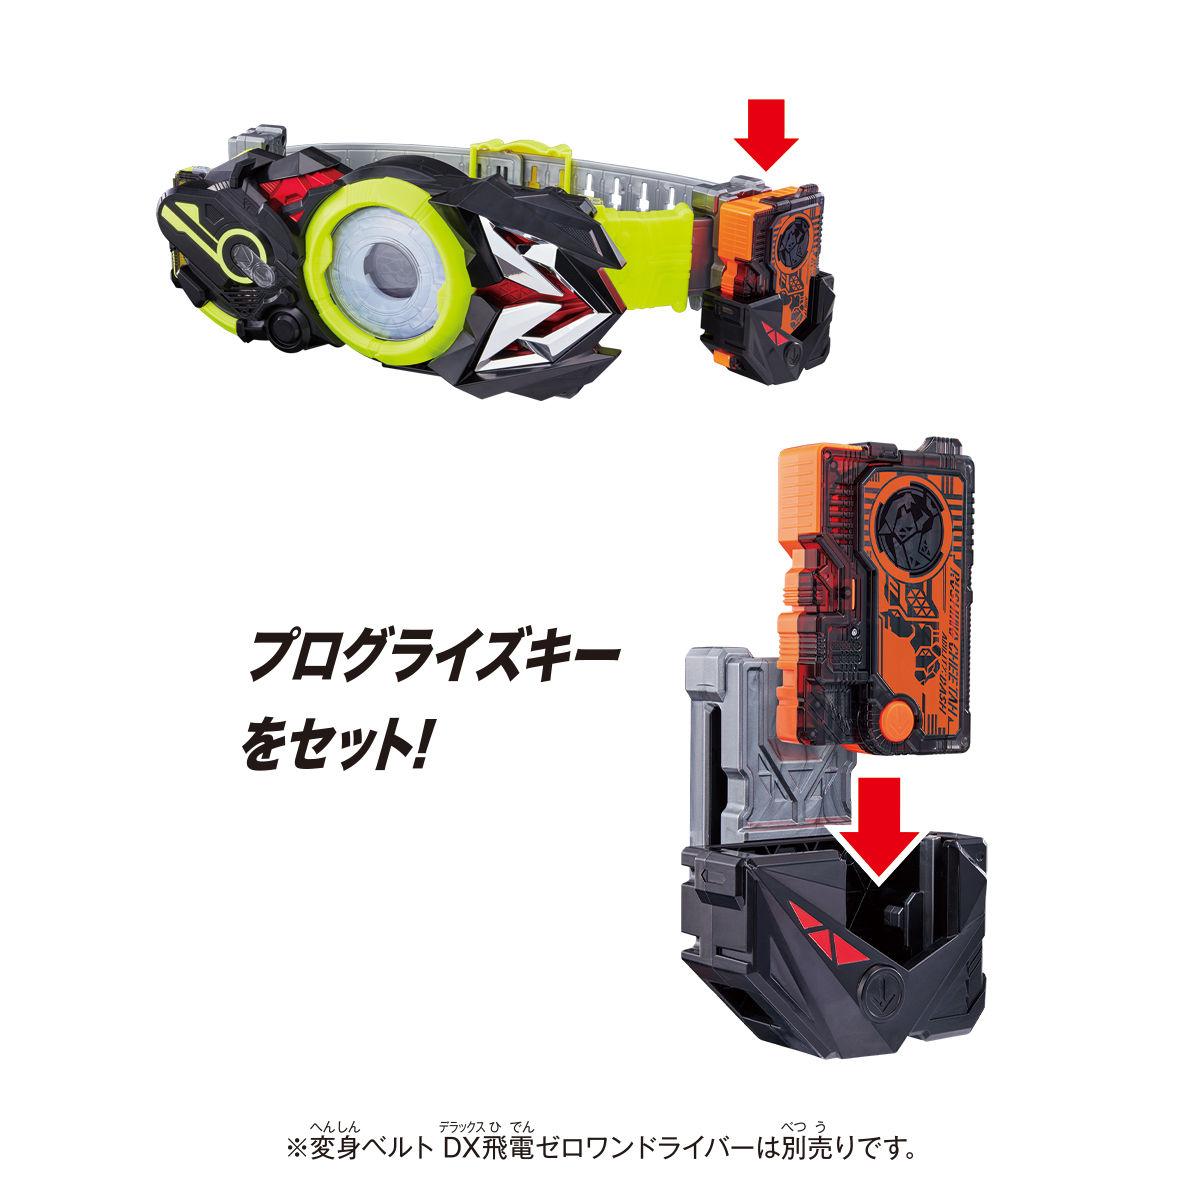 仮面ライダーゼロワン『DX飛電ゼロワンドライバー & プログライズホルダーセット』変身なりきり-009